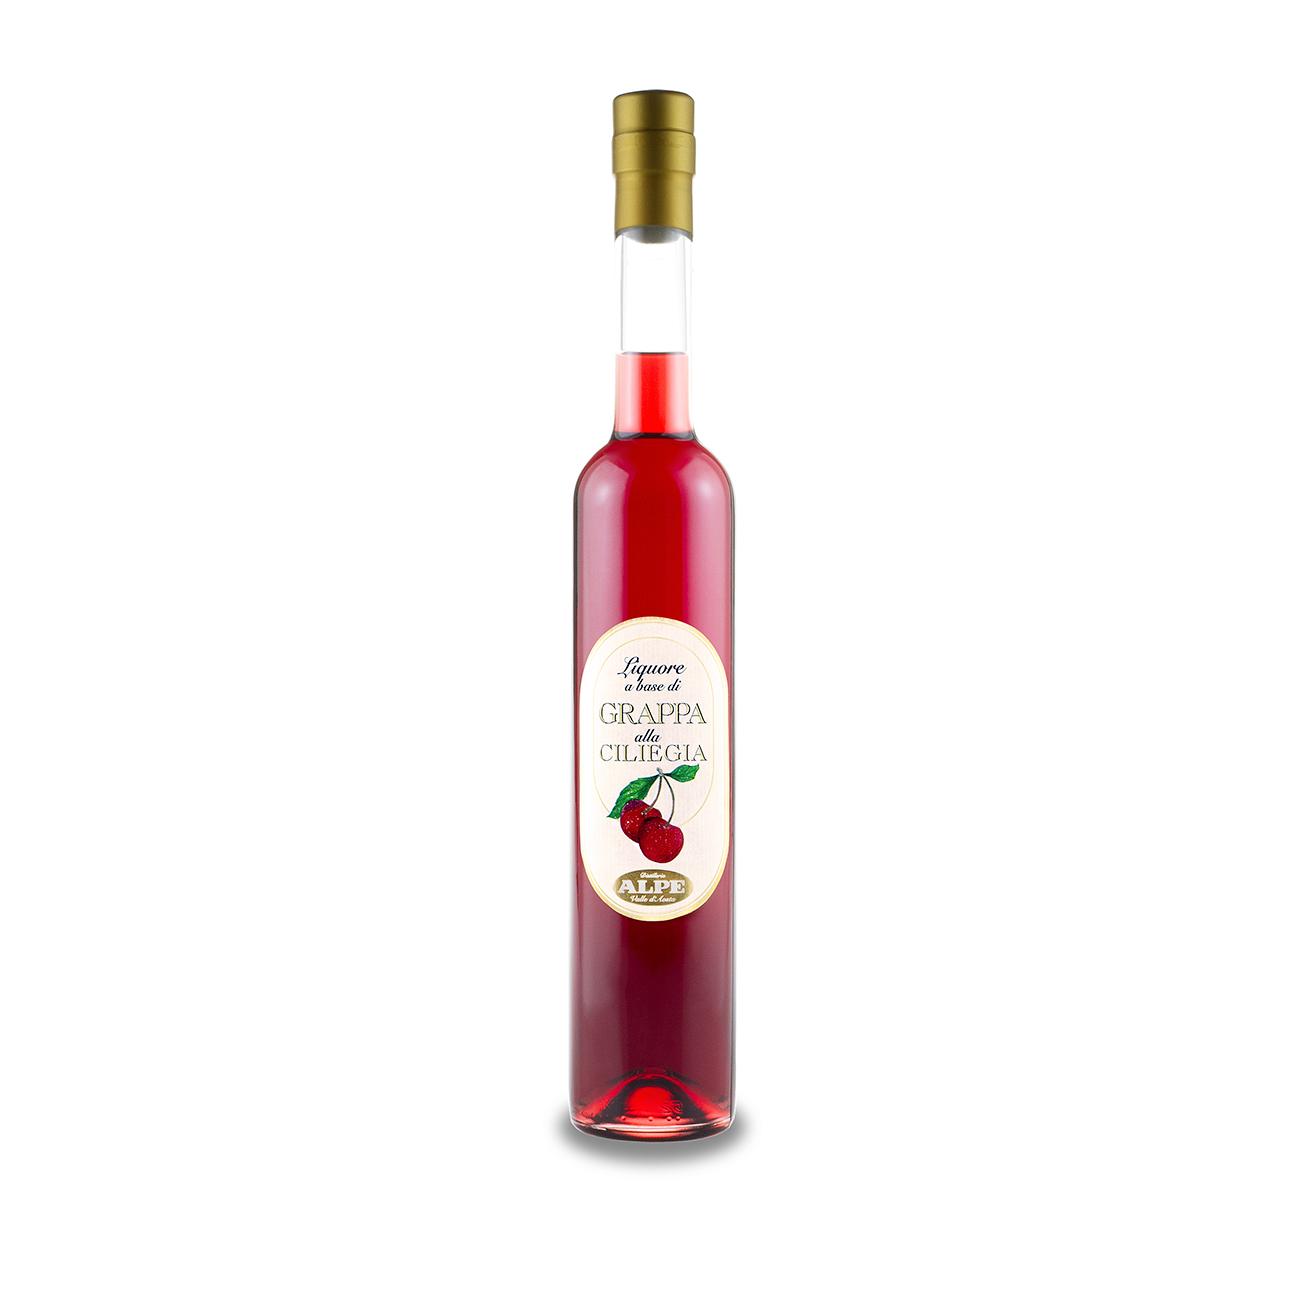 Liquore base grappa alla ciliegia